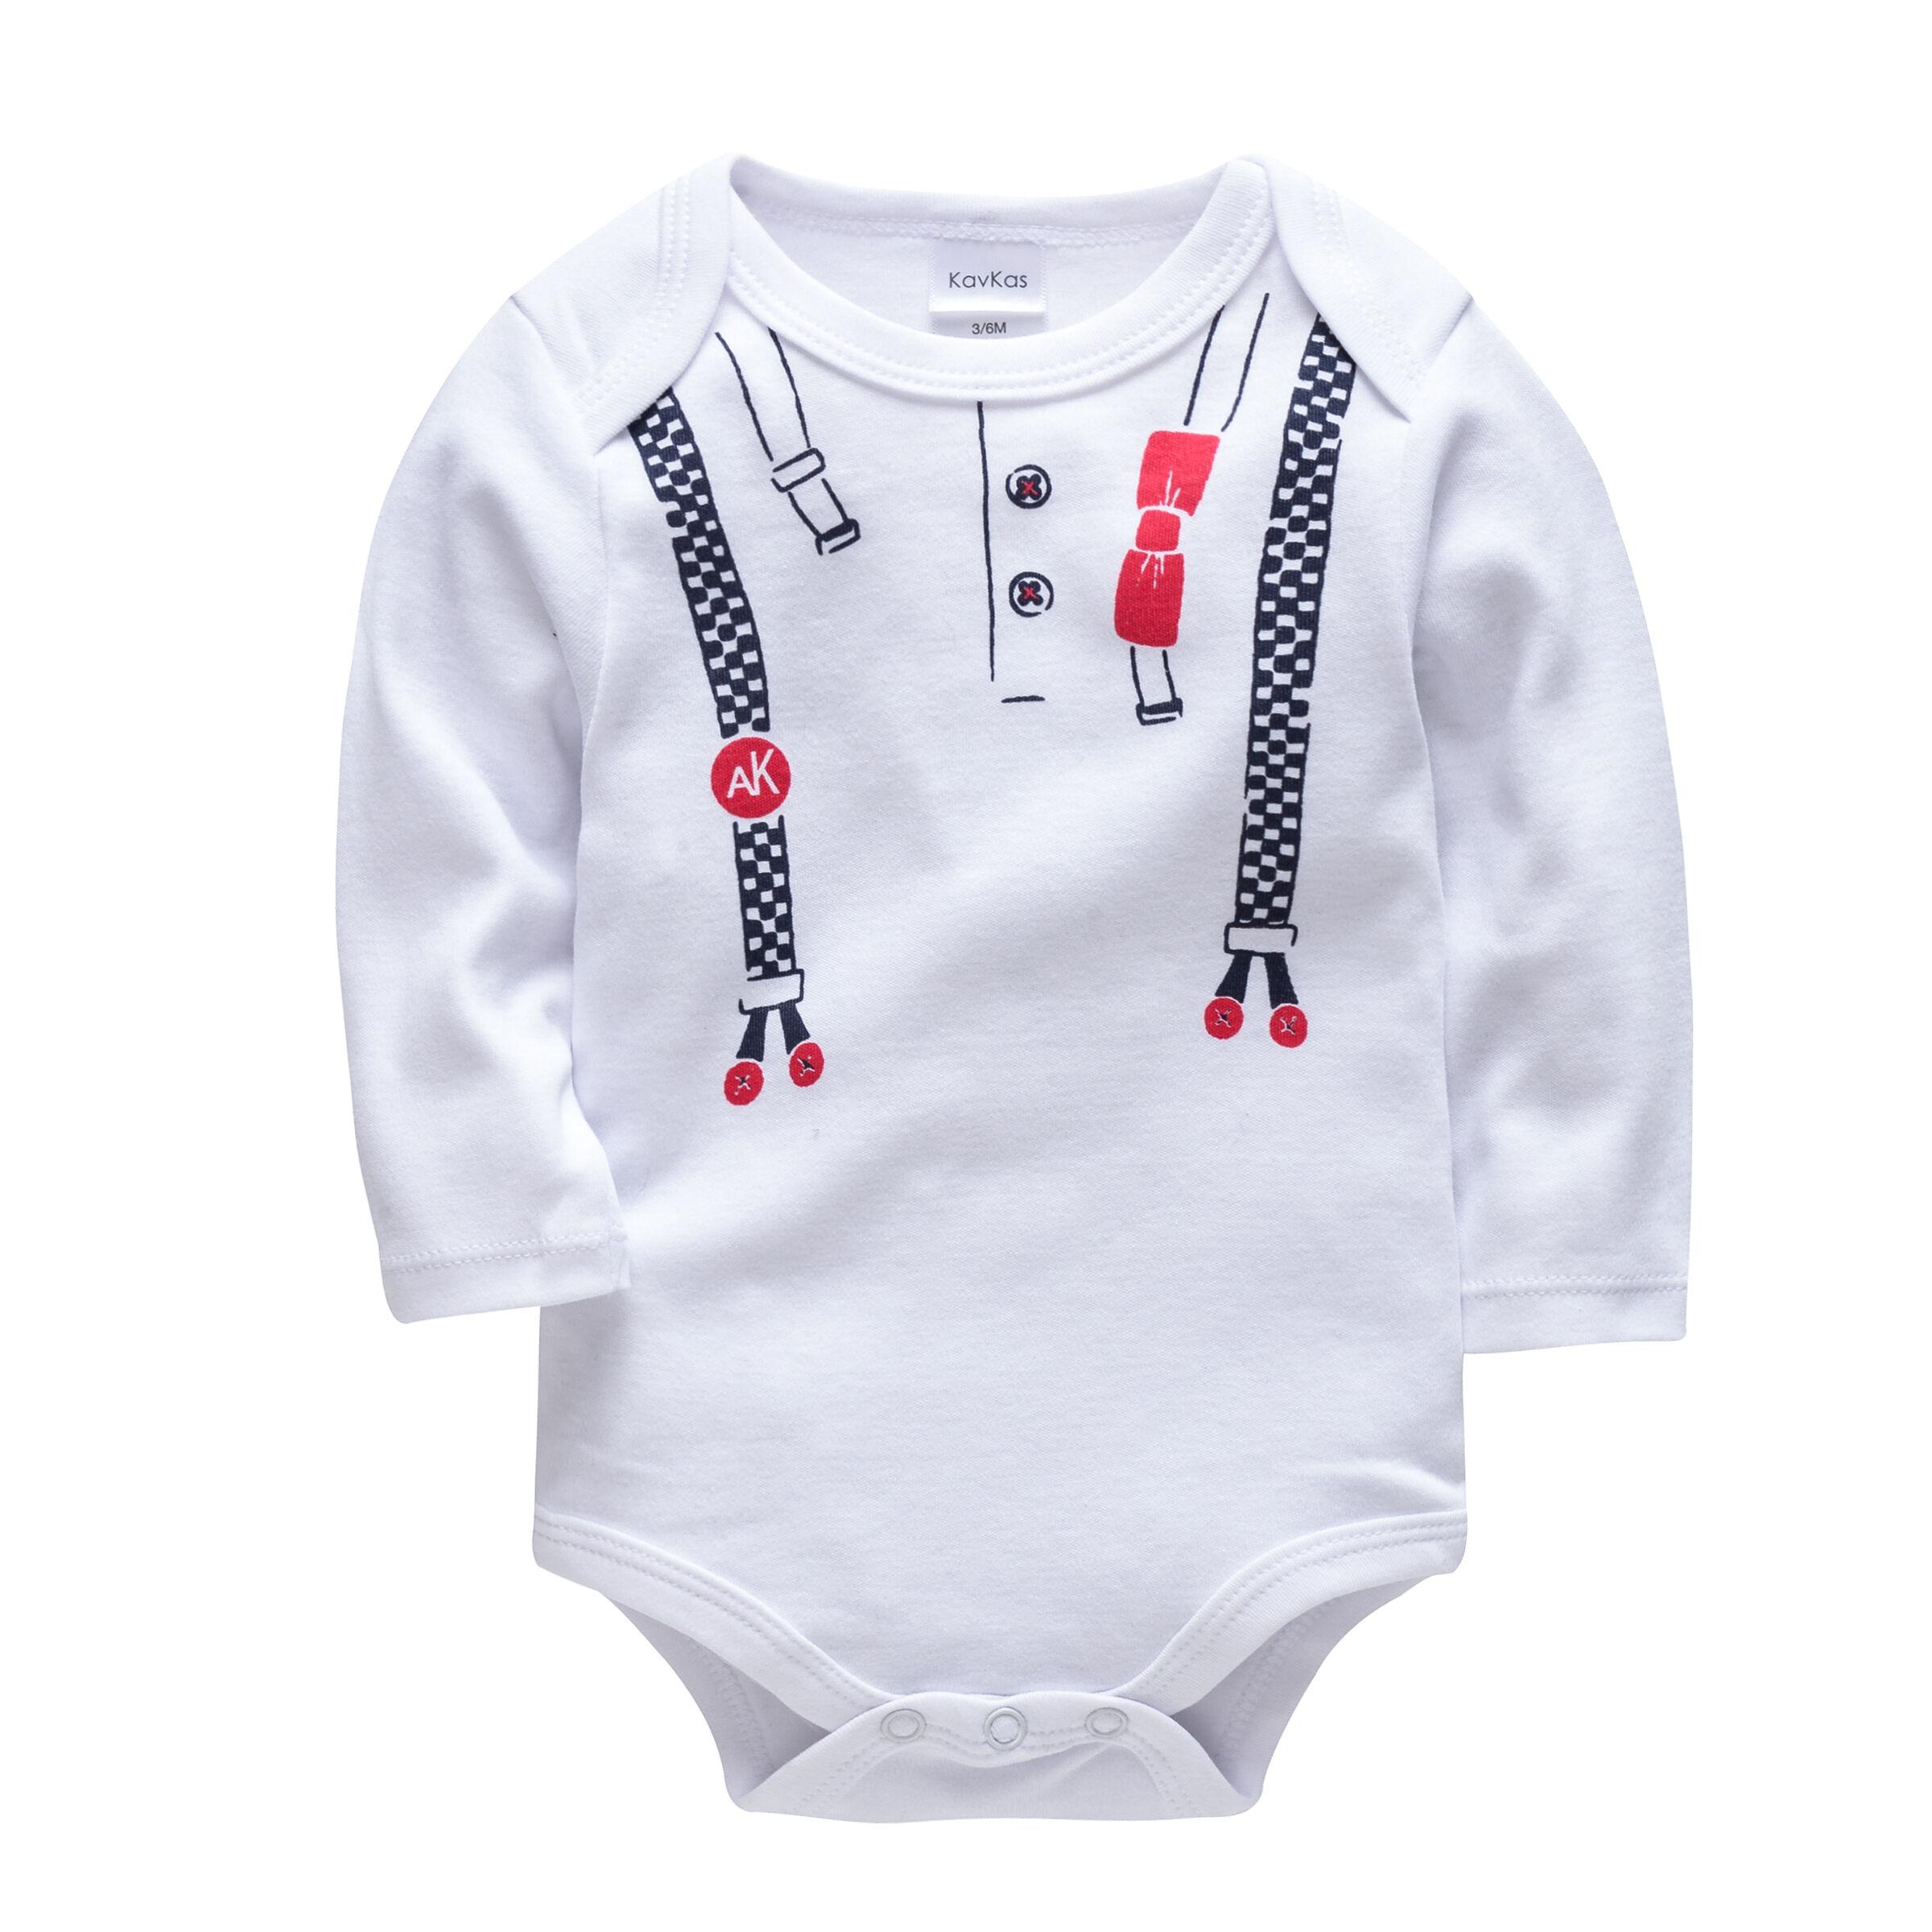 Bébé barboteuse vêtements nouveau-né garçons filles vêtements coton tissu boutons-pression